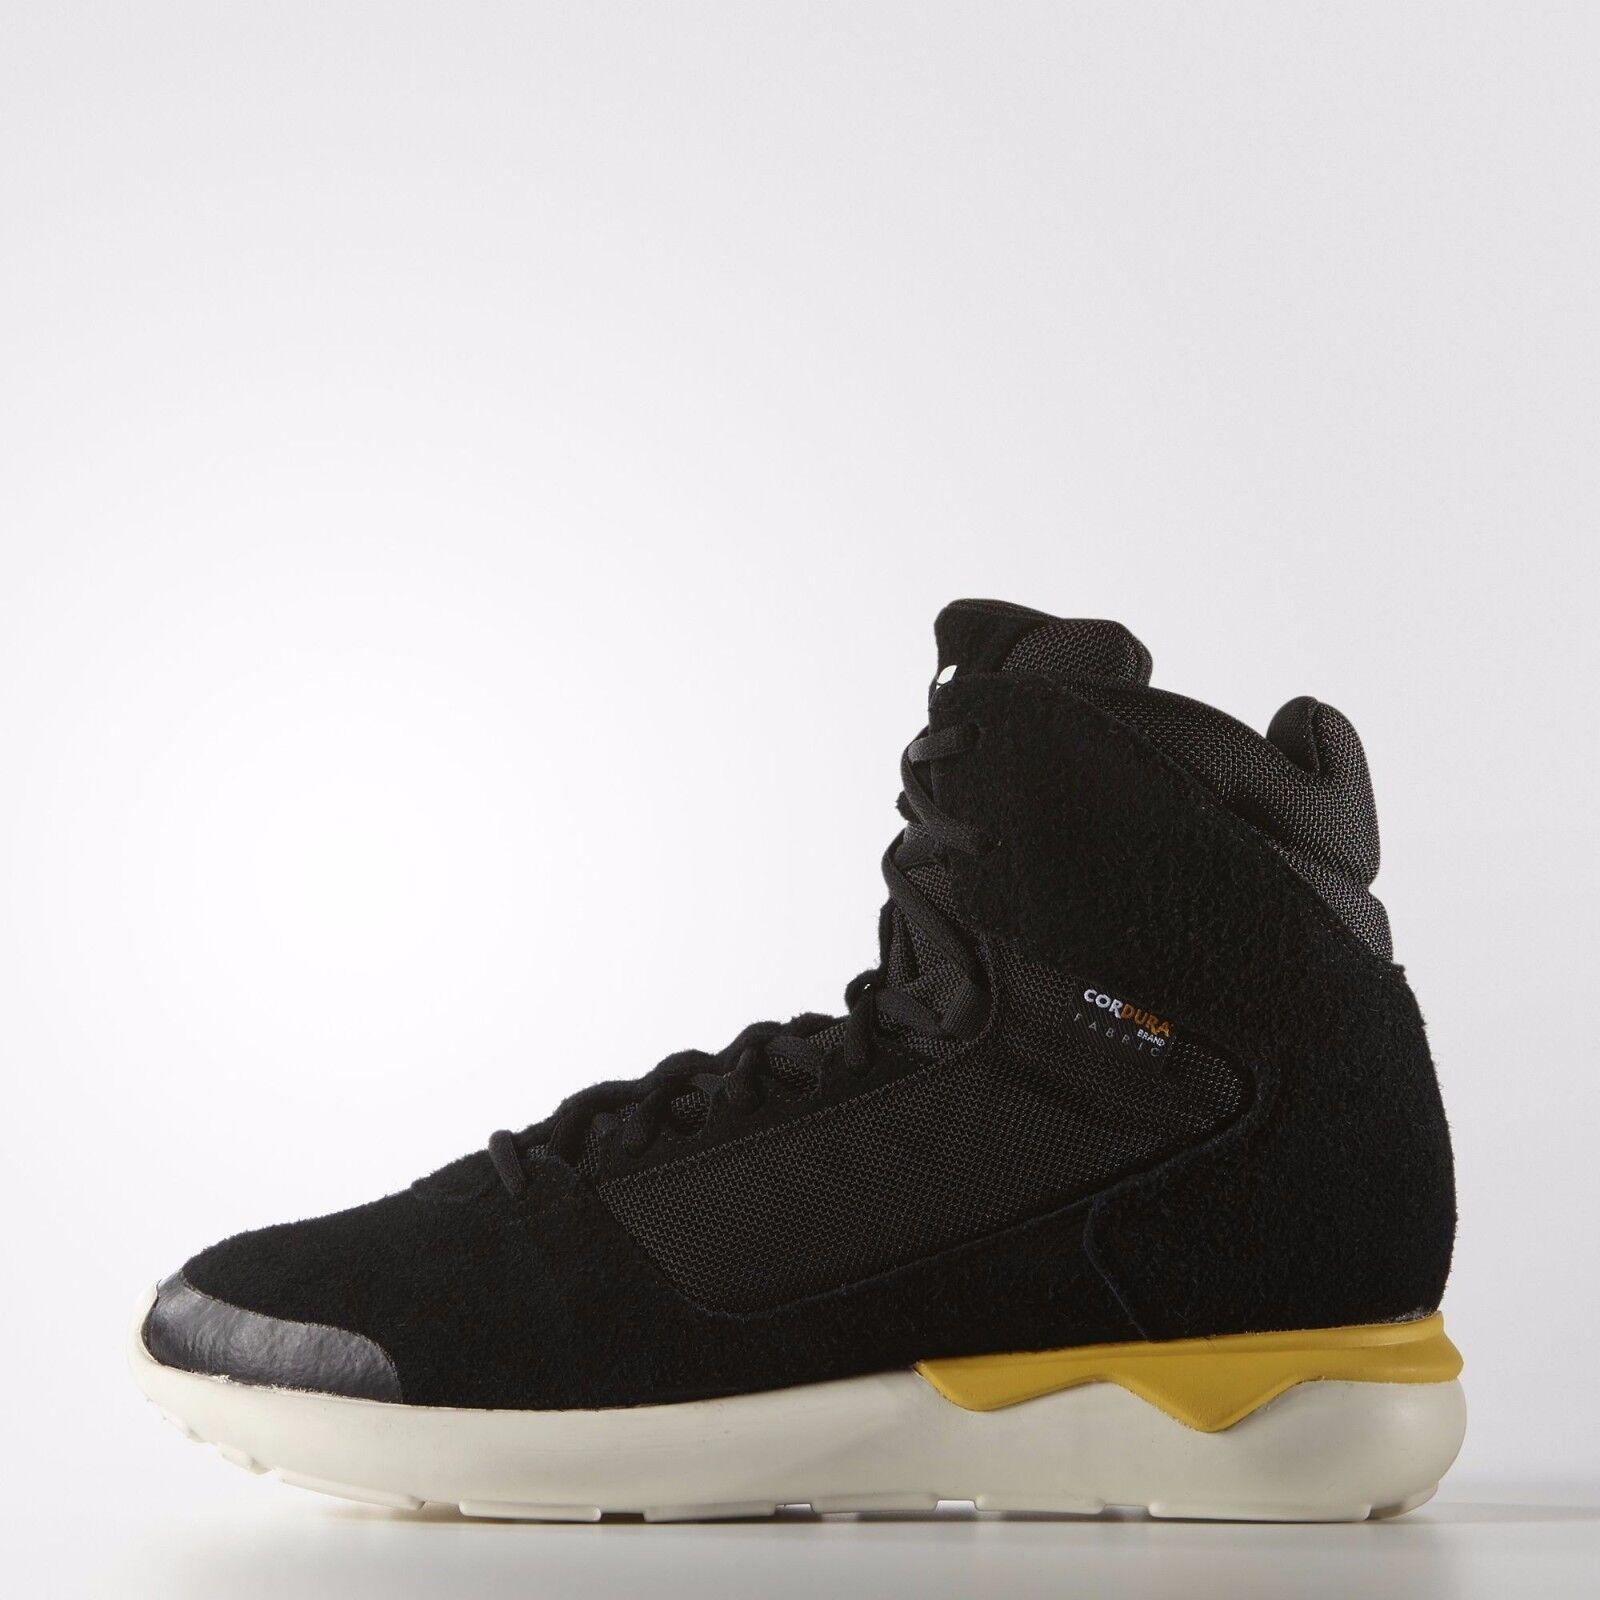 Adidas Originals Tubular GSG9 Shoes S82516 RARE Limited Edition